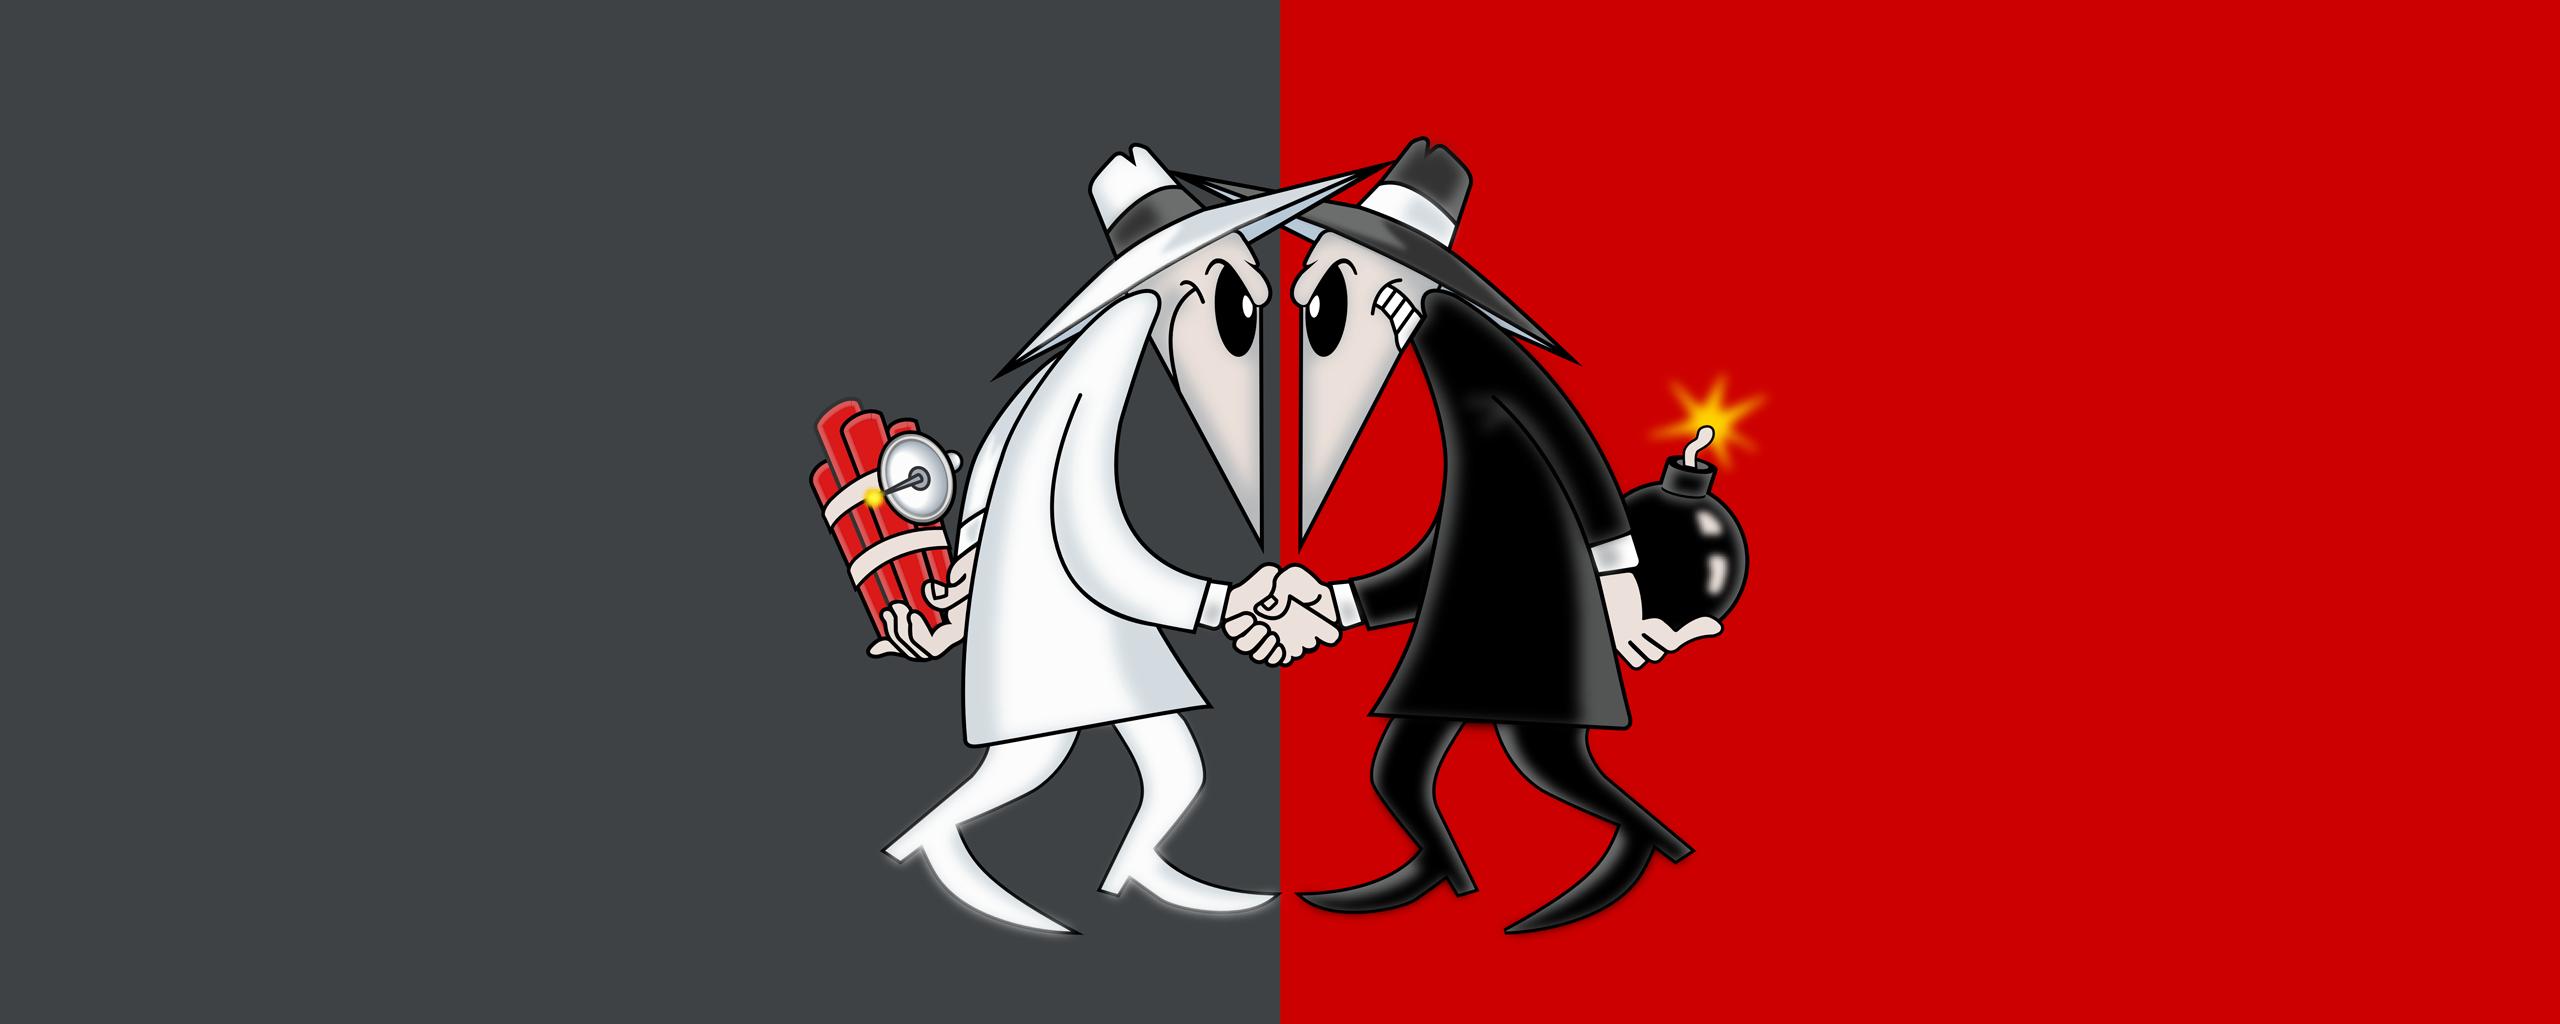 Spy vs Spy WallPaper 2560X1024